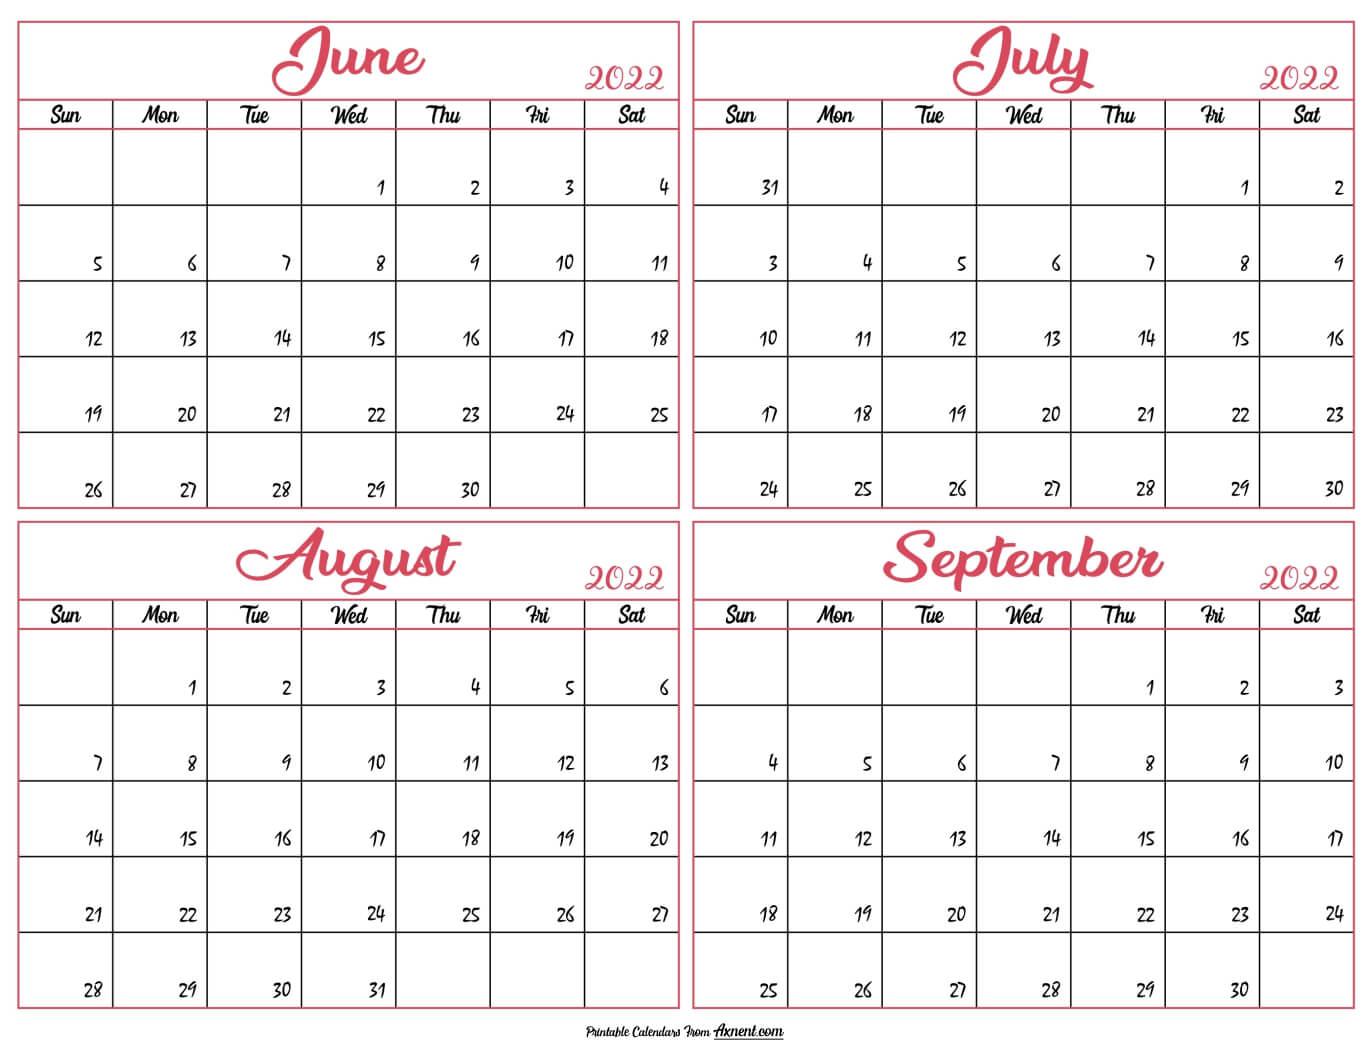 June to September Calendar 2022